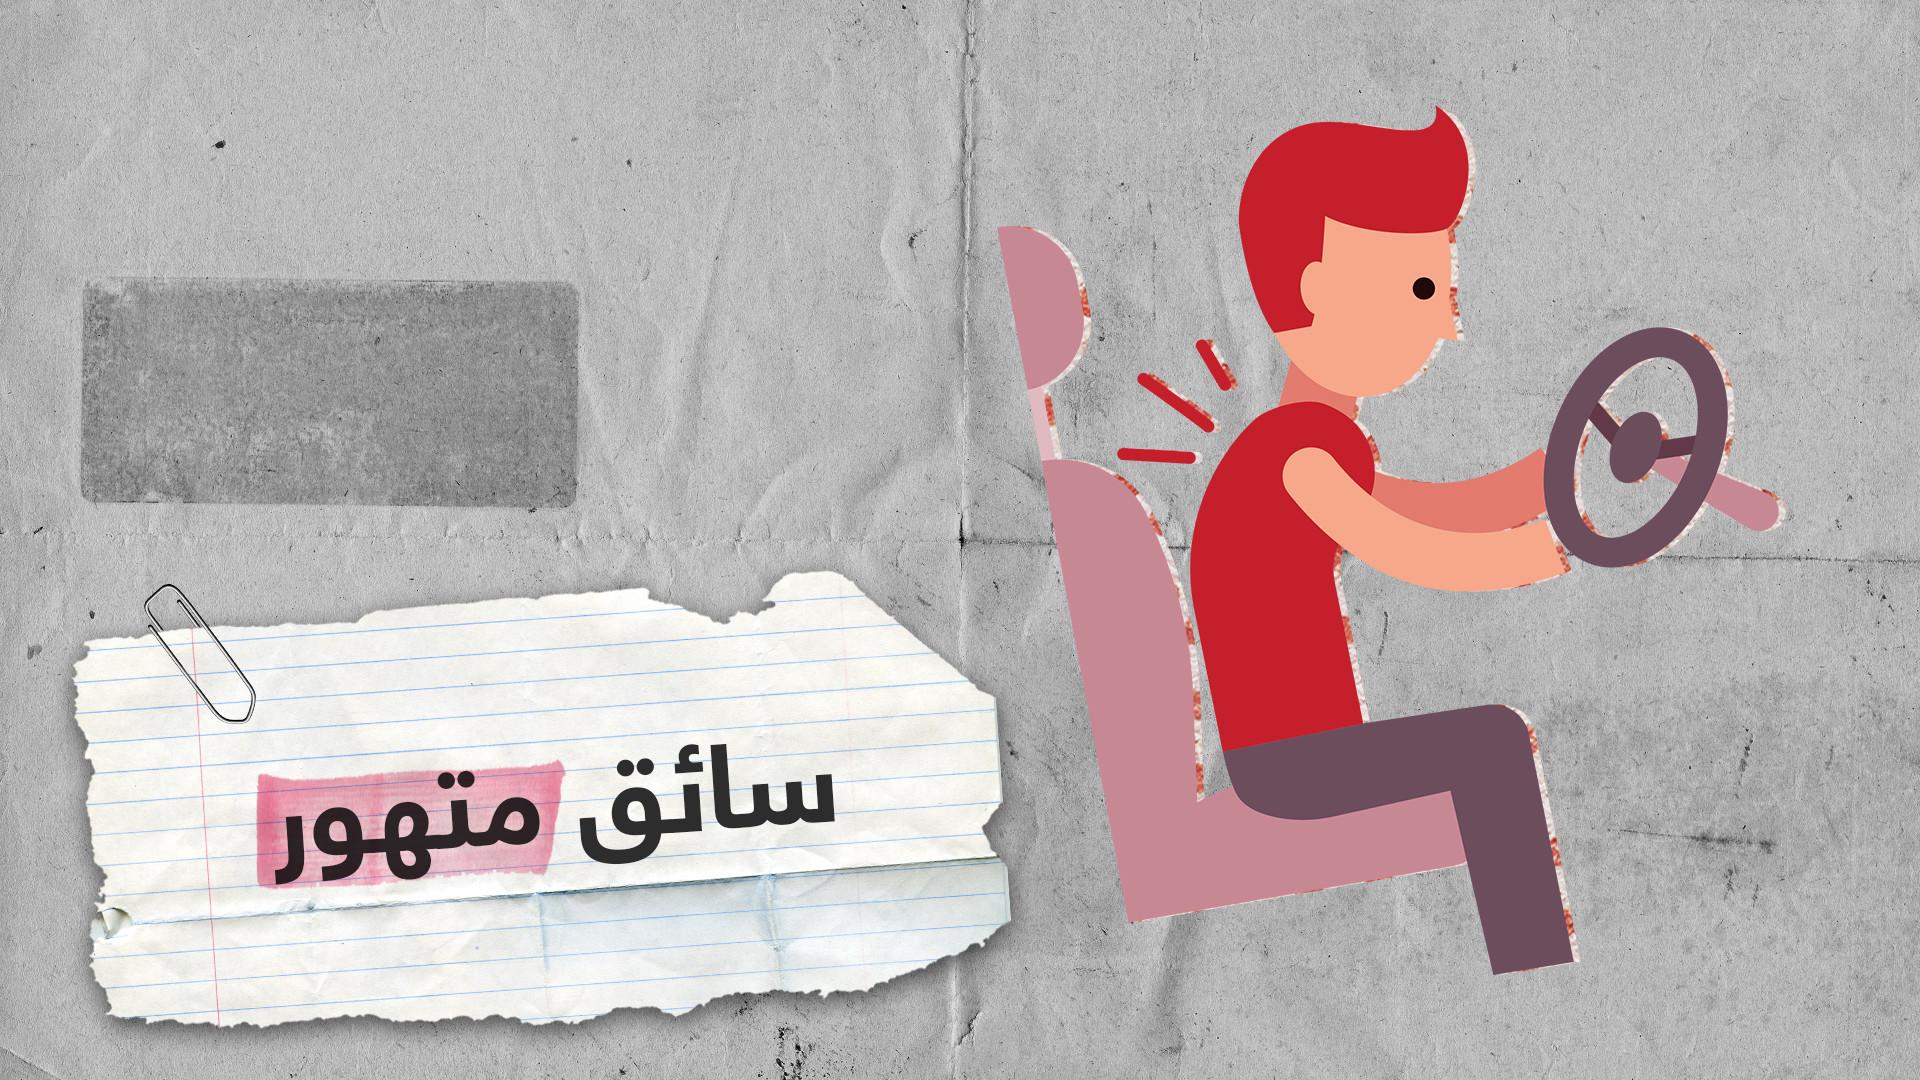 سائق أتوبيس متهور يقل حجاجا مصريين بالسعودية.. والجهات الأمنية تبحث عنه!